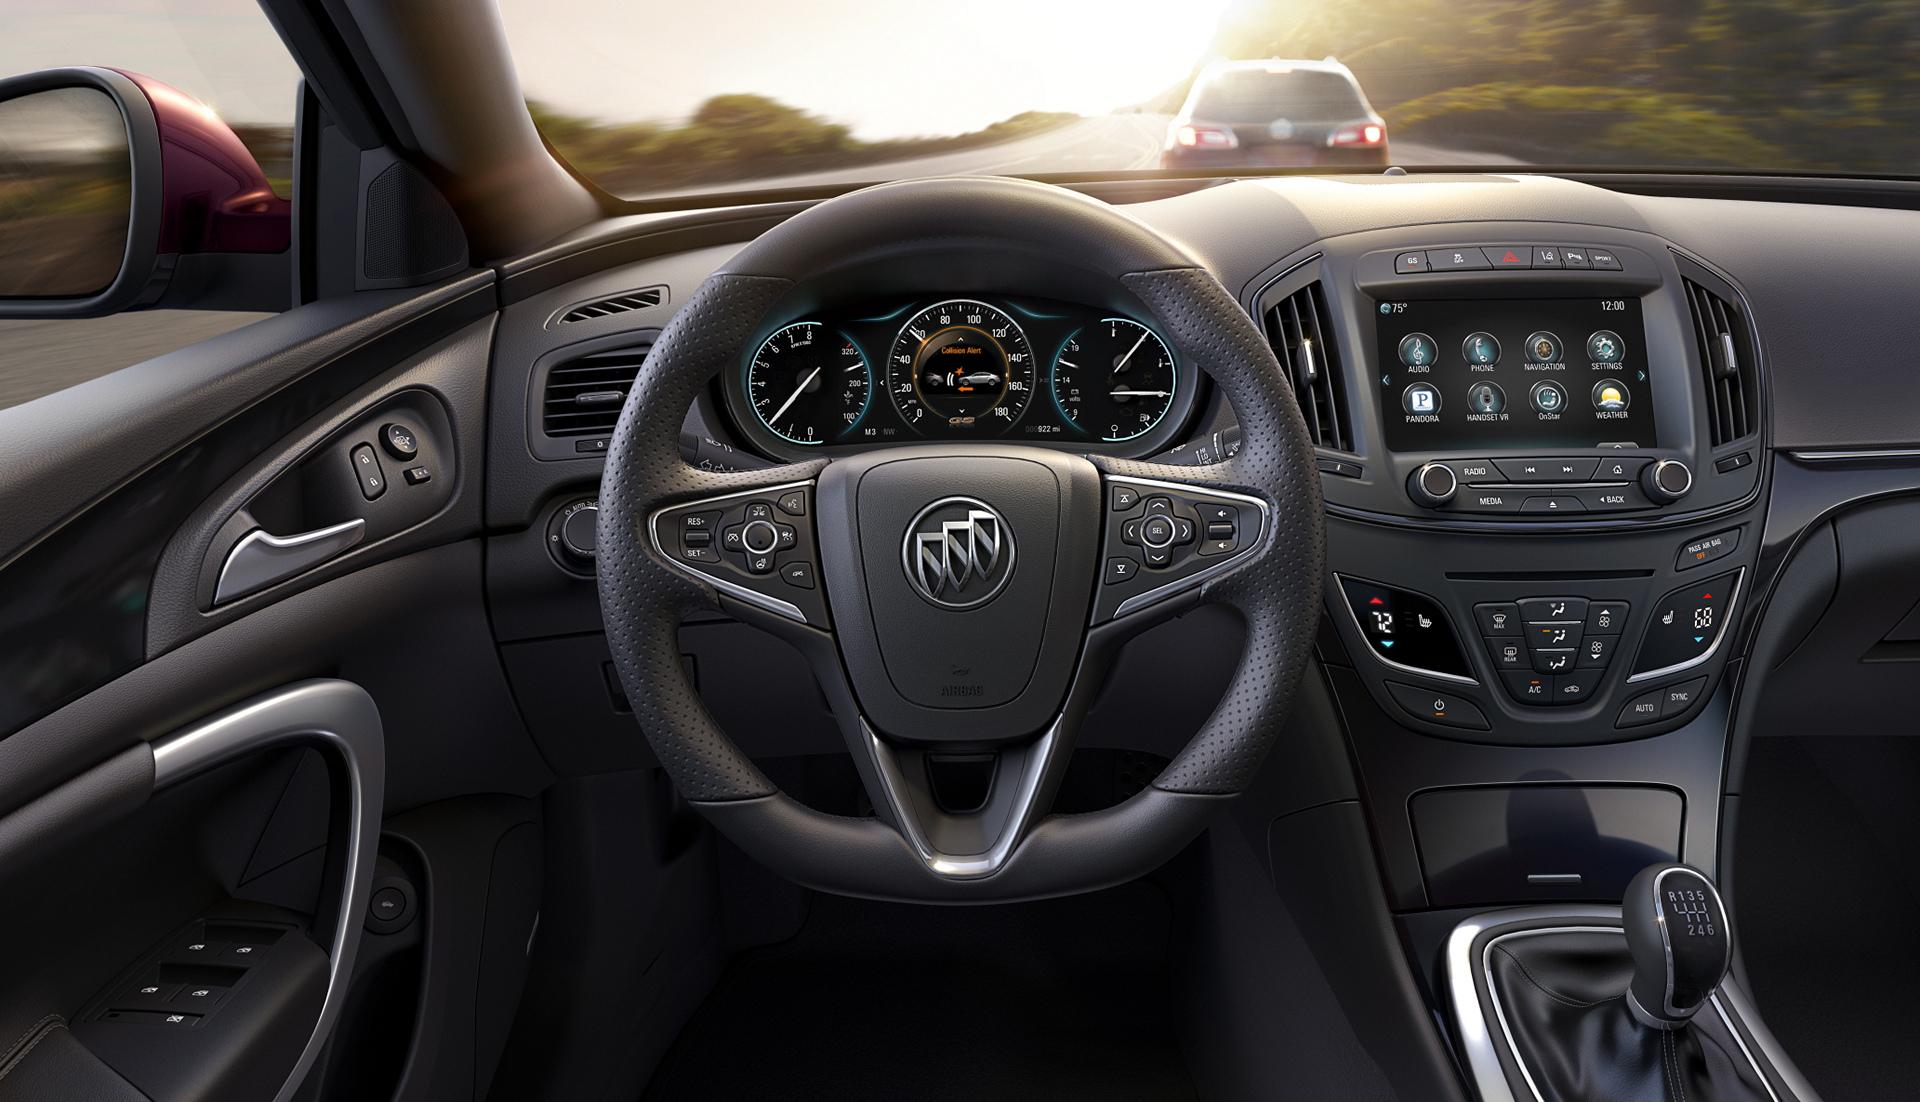 2016 buick regal gs © general motors - carrrs auto portal